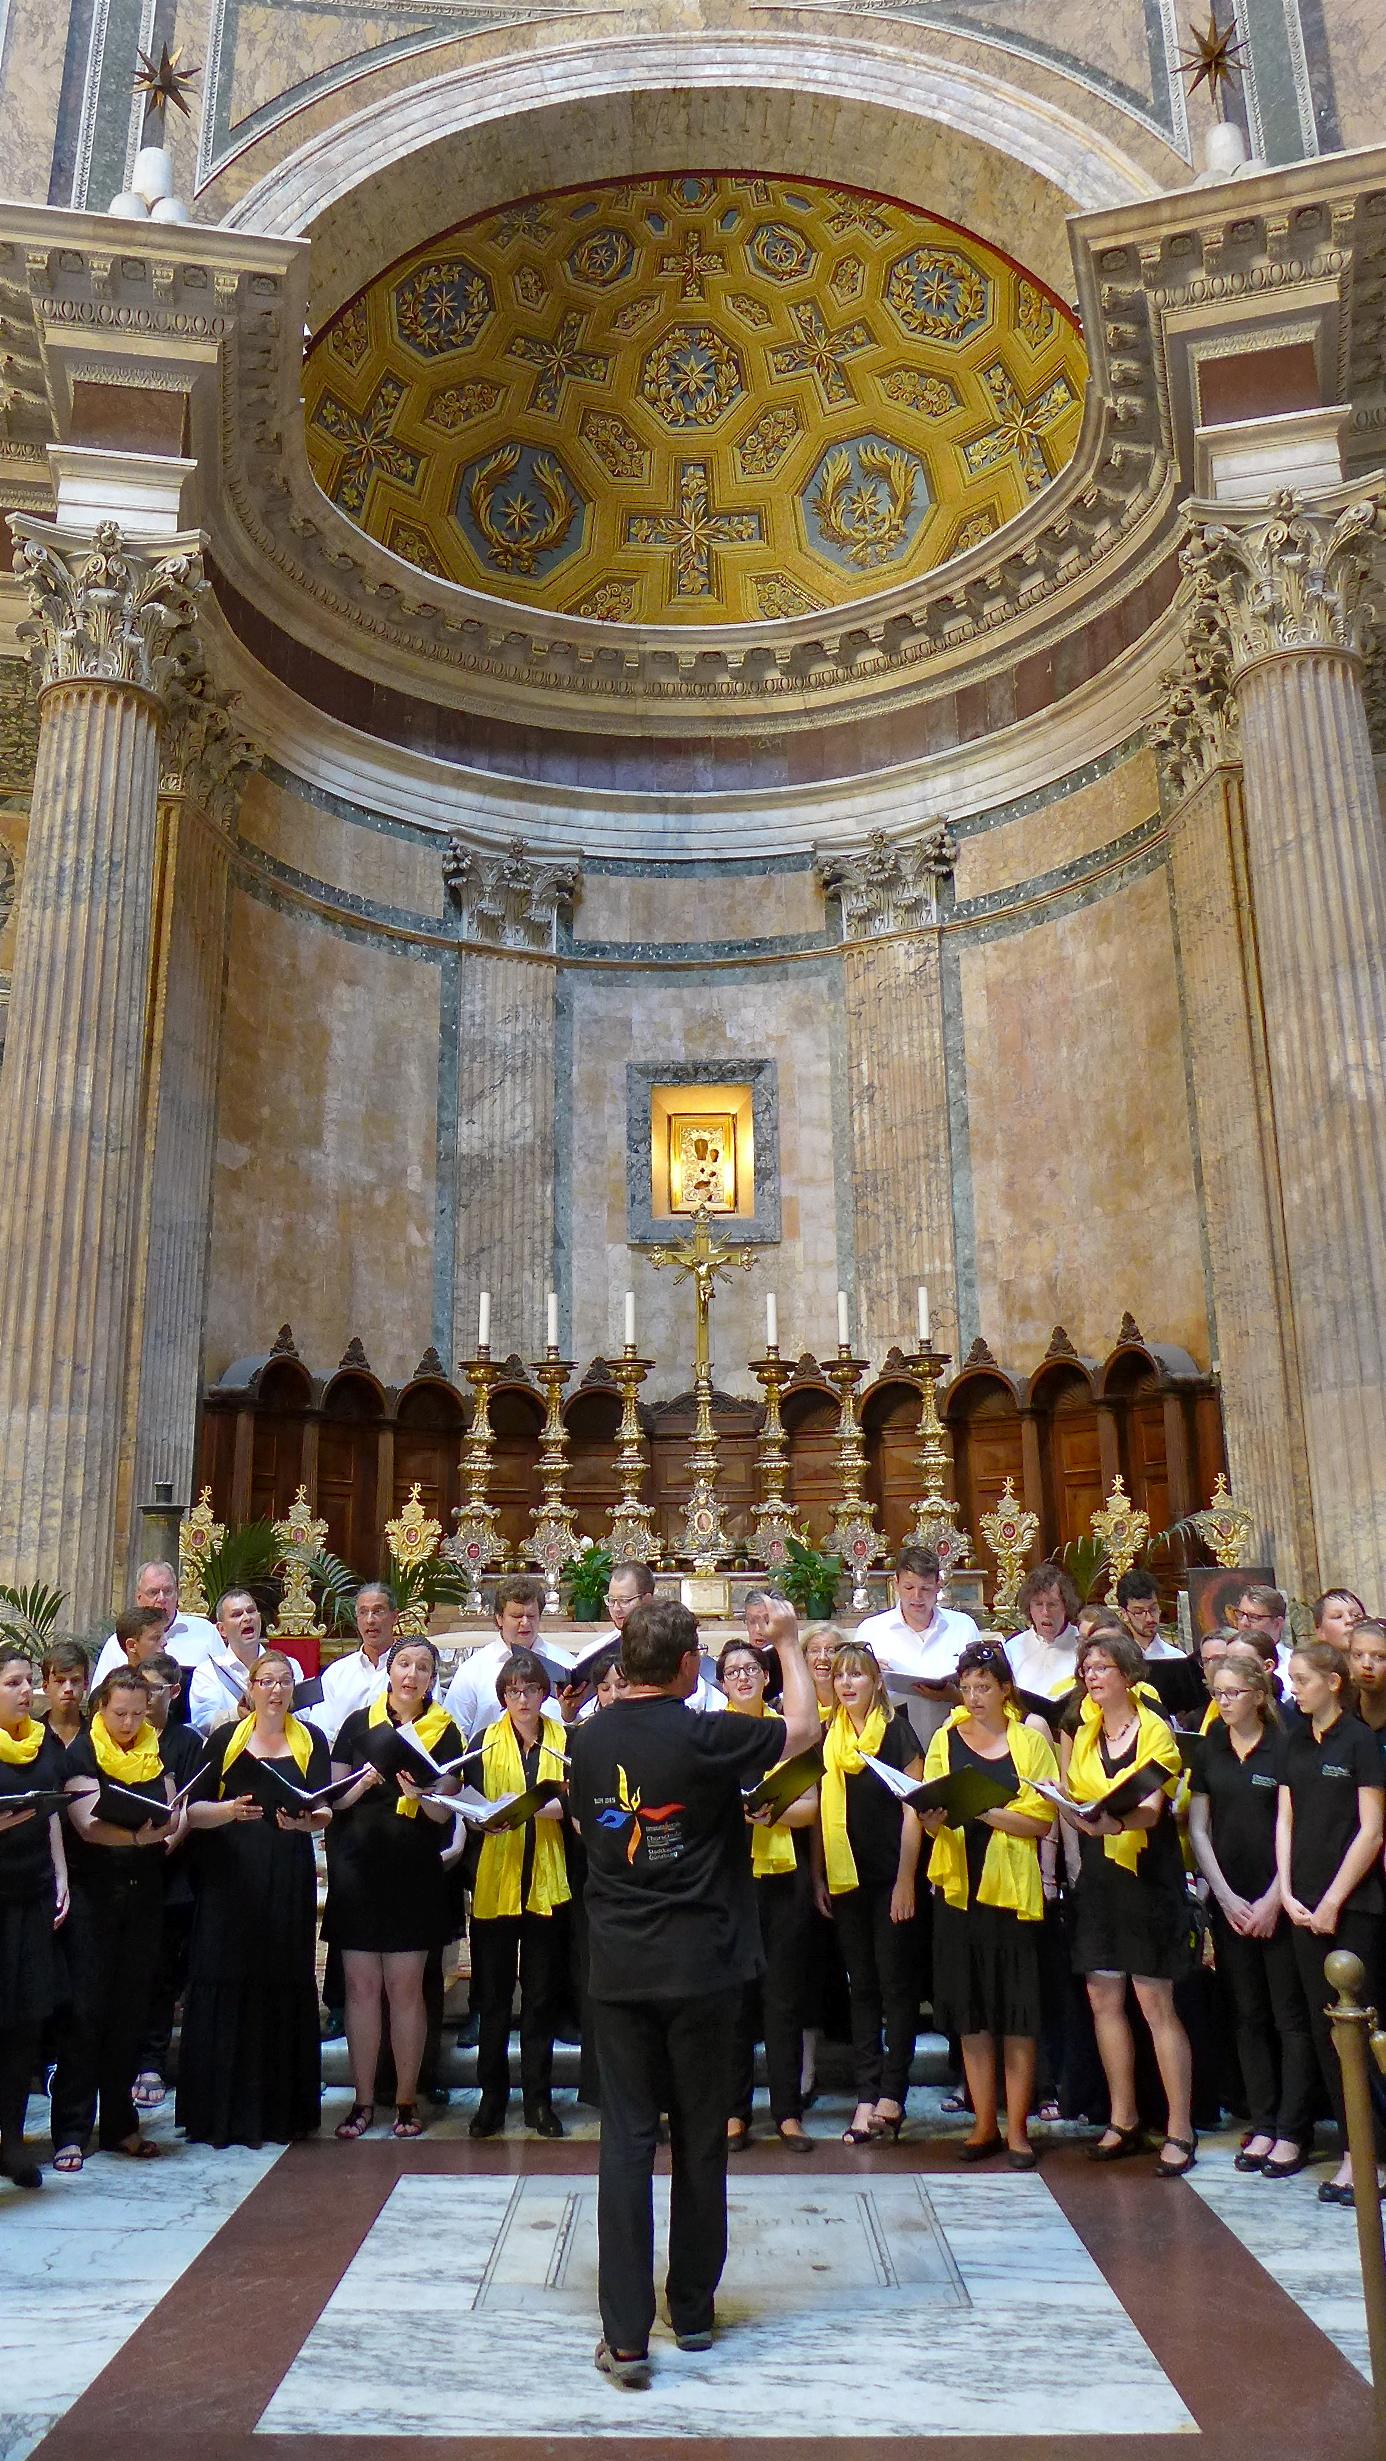 Konzert der camerata vocale gemeinsam mit der Chorschule des St. Thomasgymnasiums im Pantheon in Rom